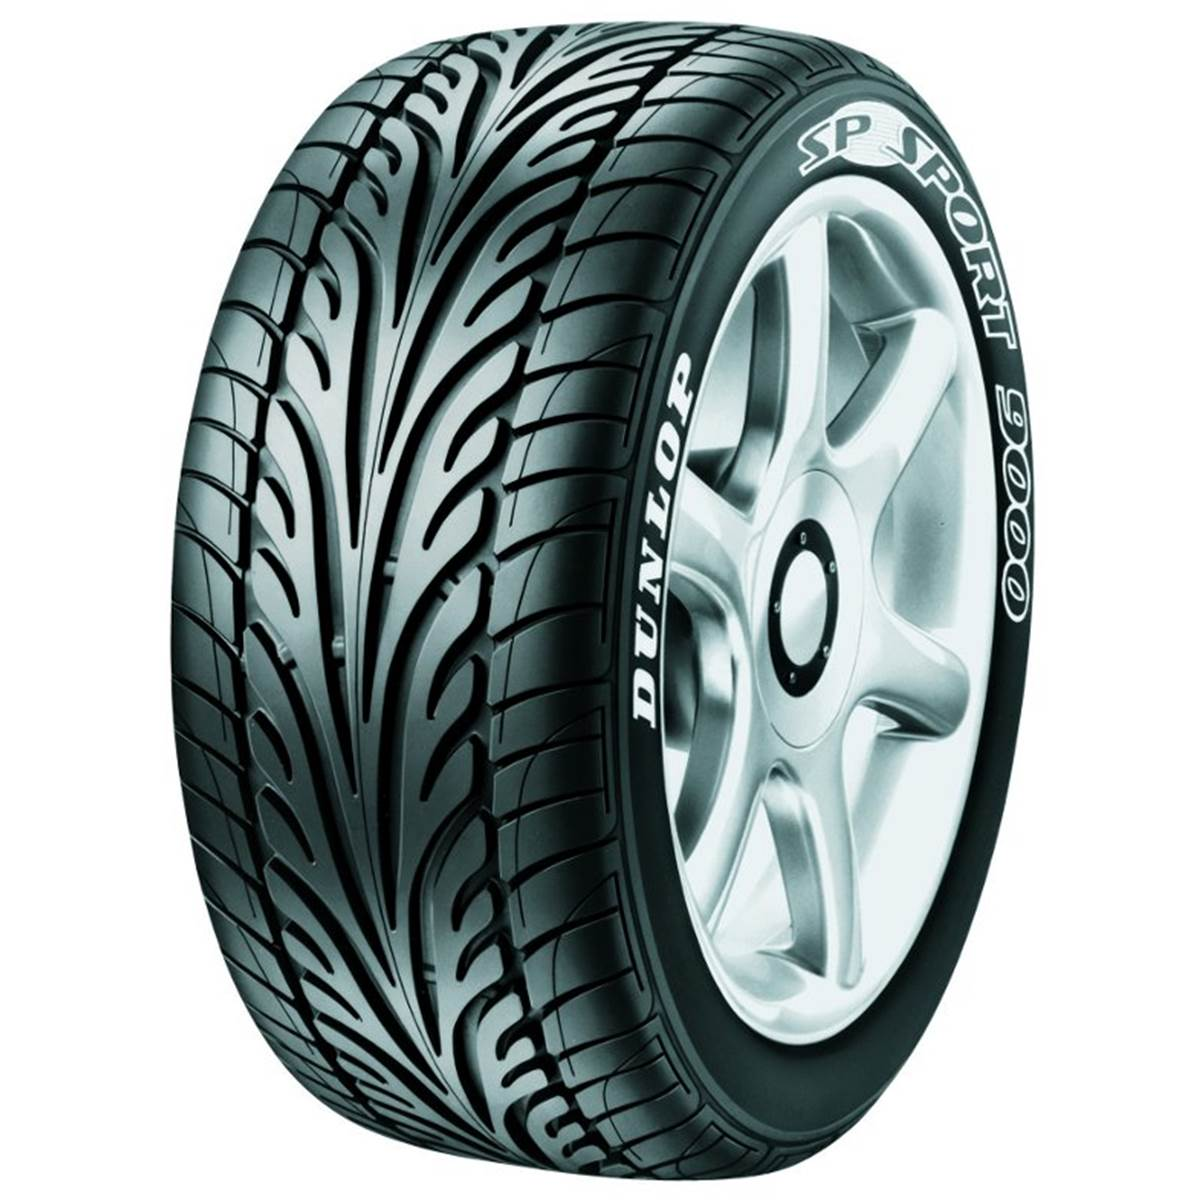 Pneu Dunlop 195/40R16 80Y Sp Sport 9000 XL